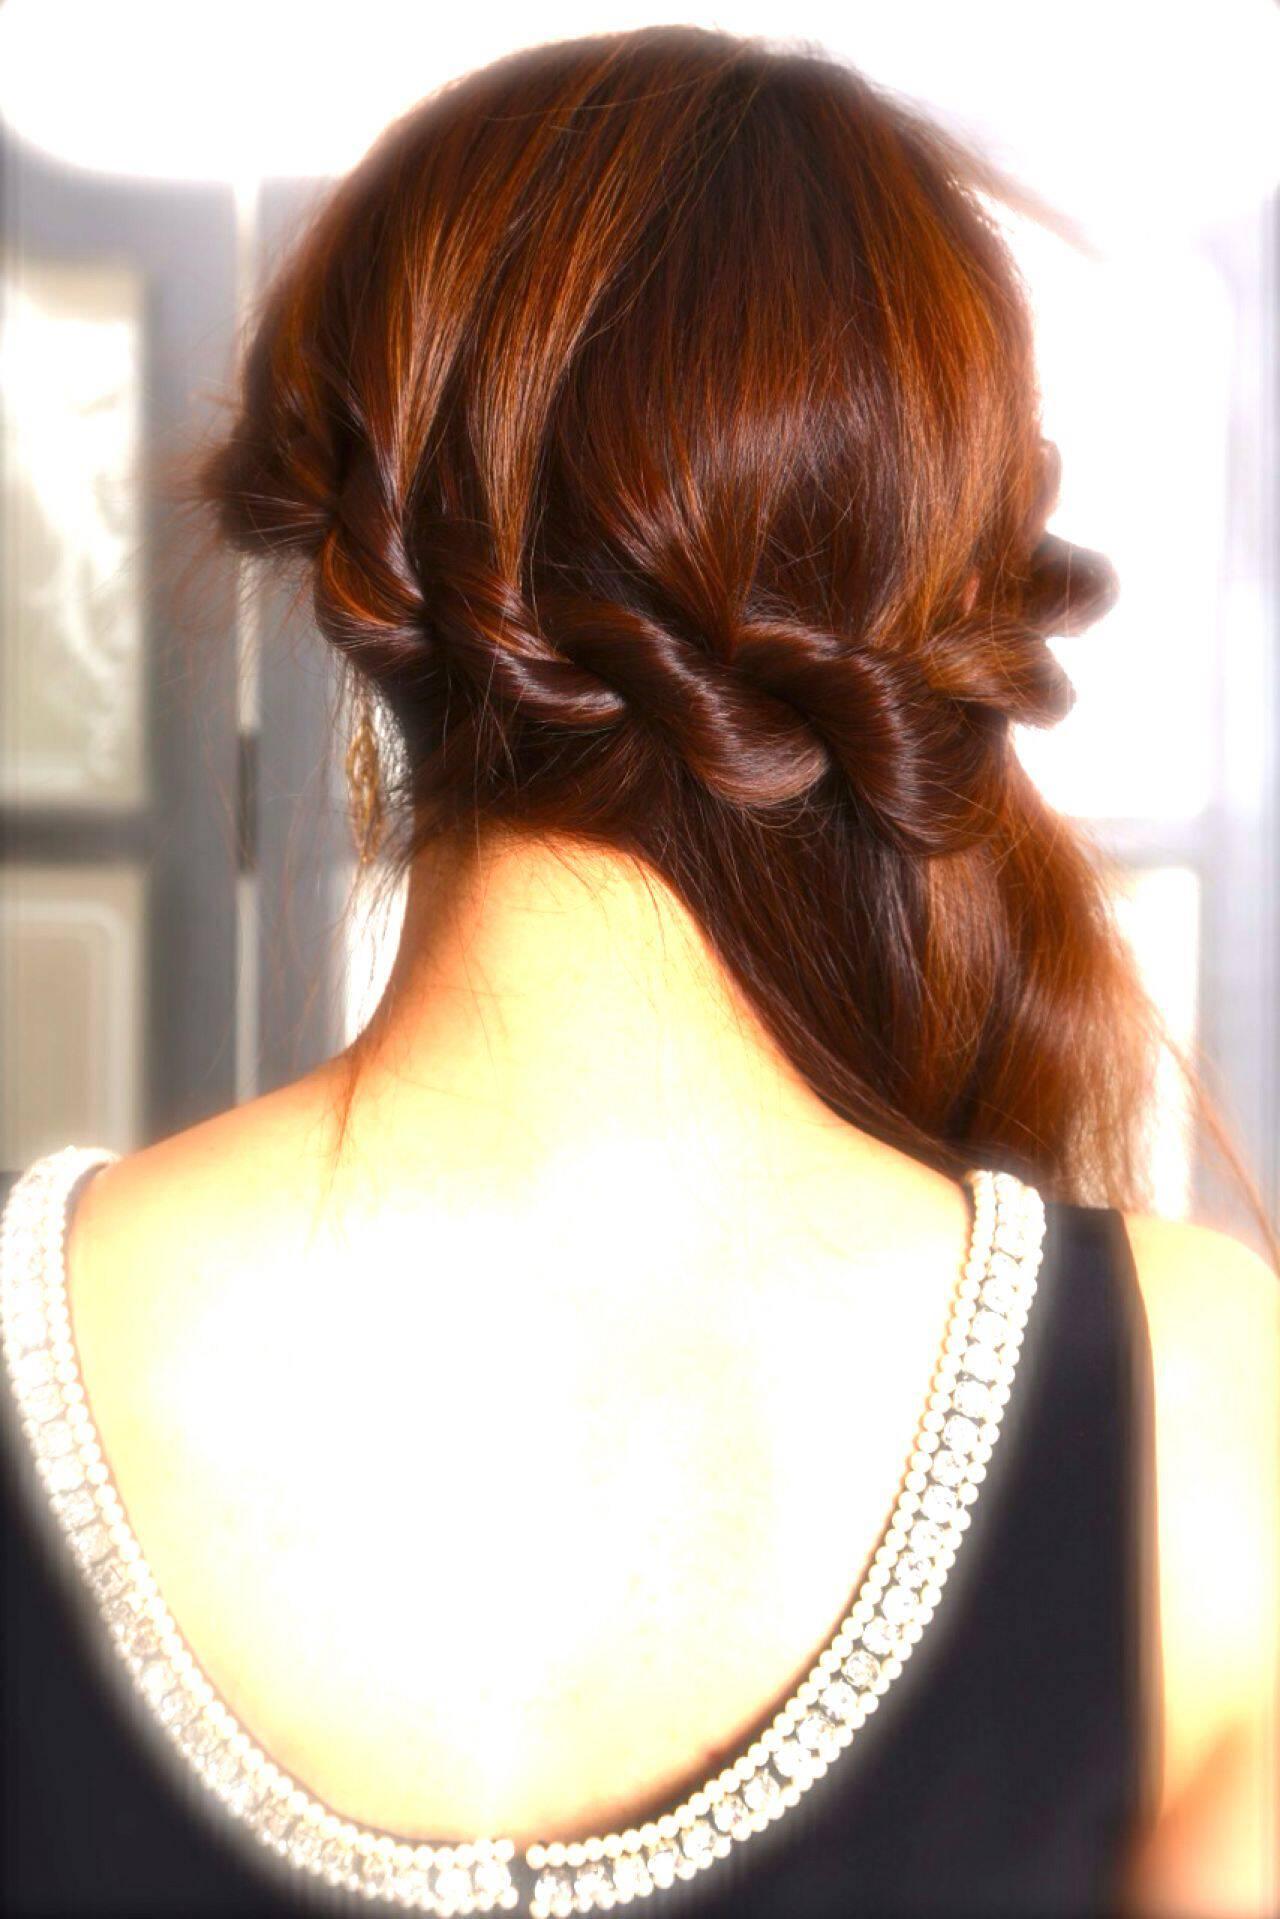 ゆるふわ ヘアアレンジ ロング アップスタイルヘアスタイルや髪型の写真・画像